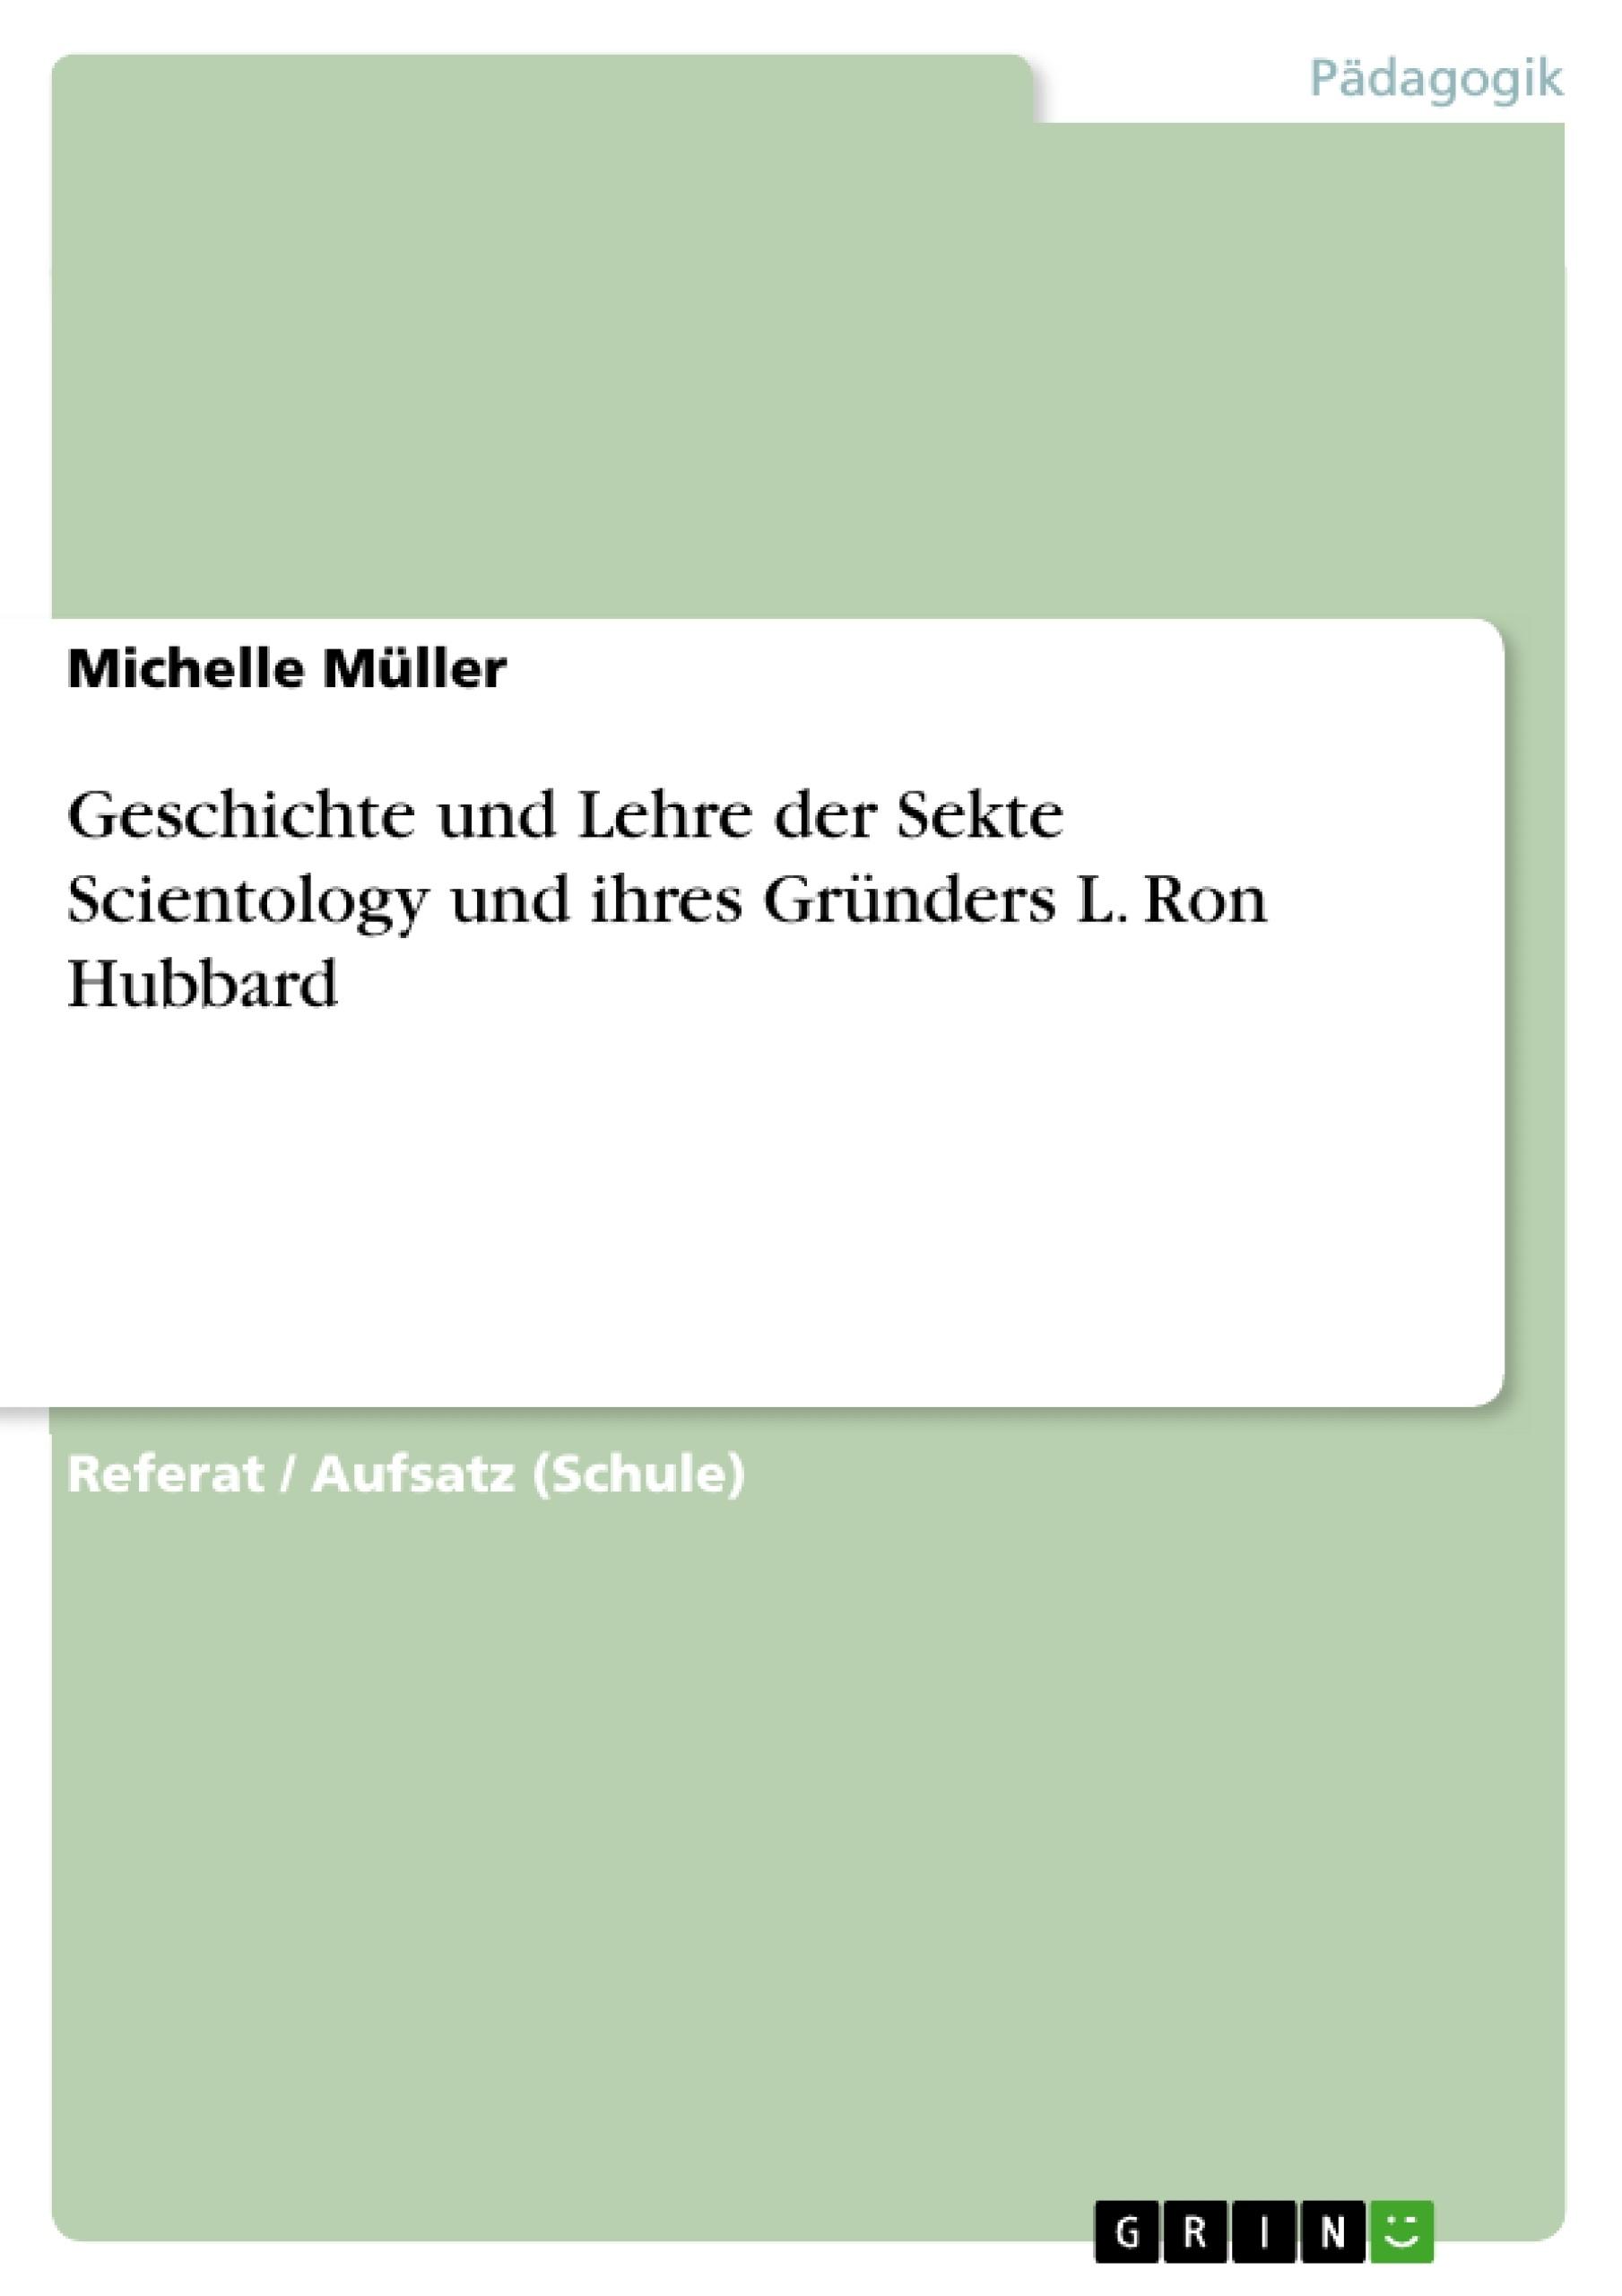 Titel: Geschichte und Lehre der Sekte Scientology und ihres Gründers L. Ron Hubbard